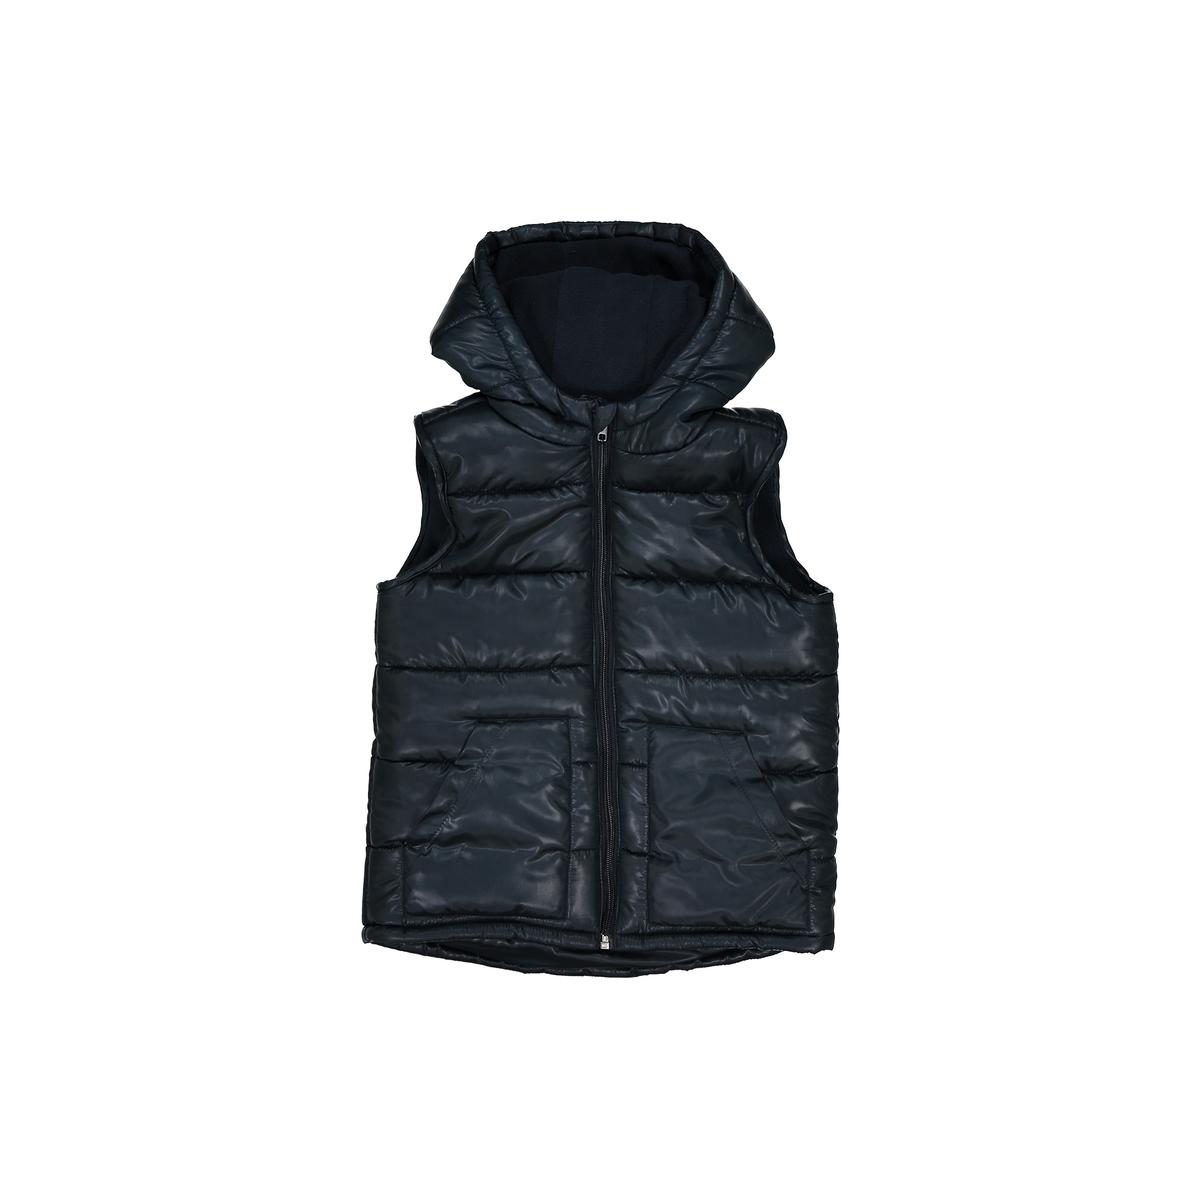 Стеганая куртка без рукавов, 3-12 лет